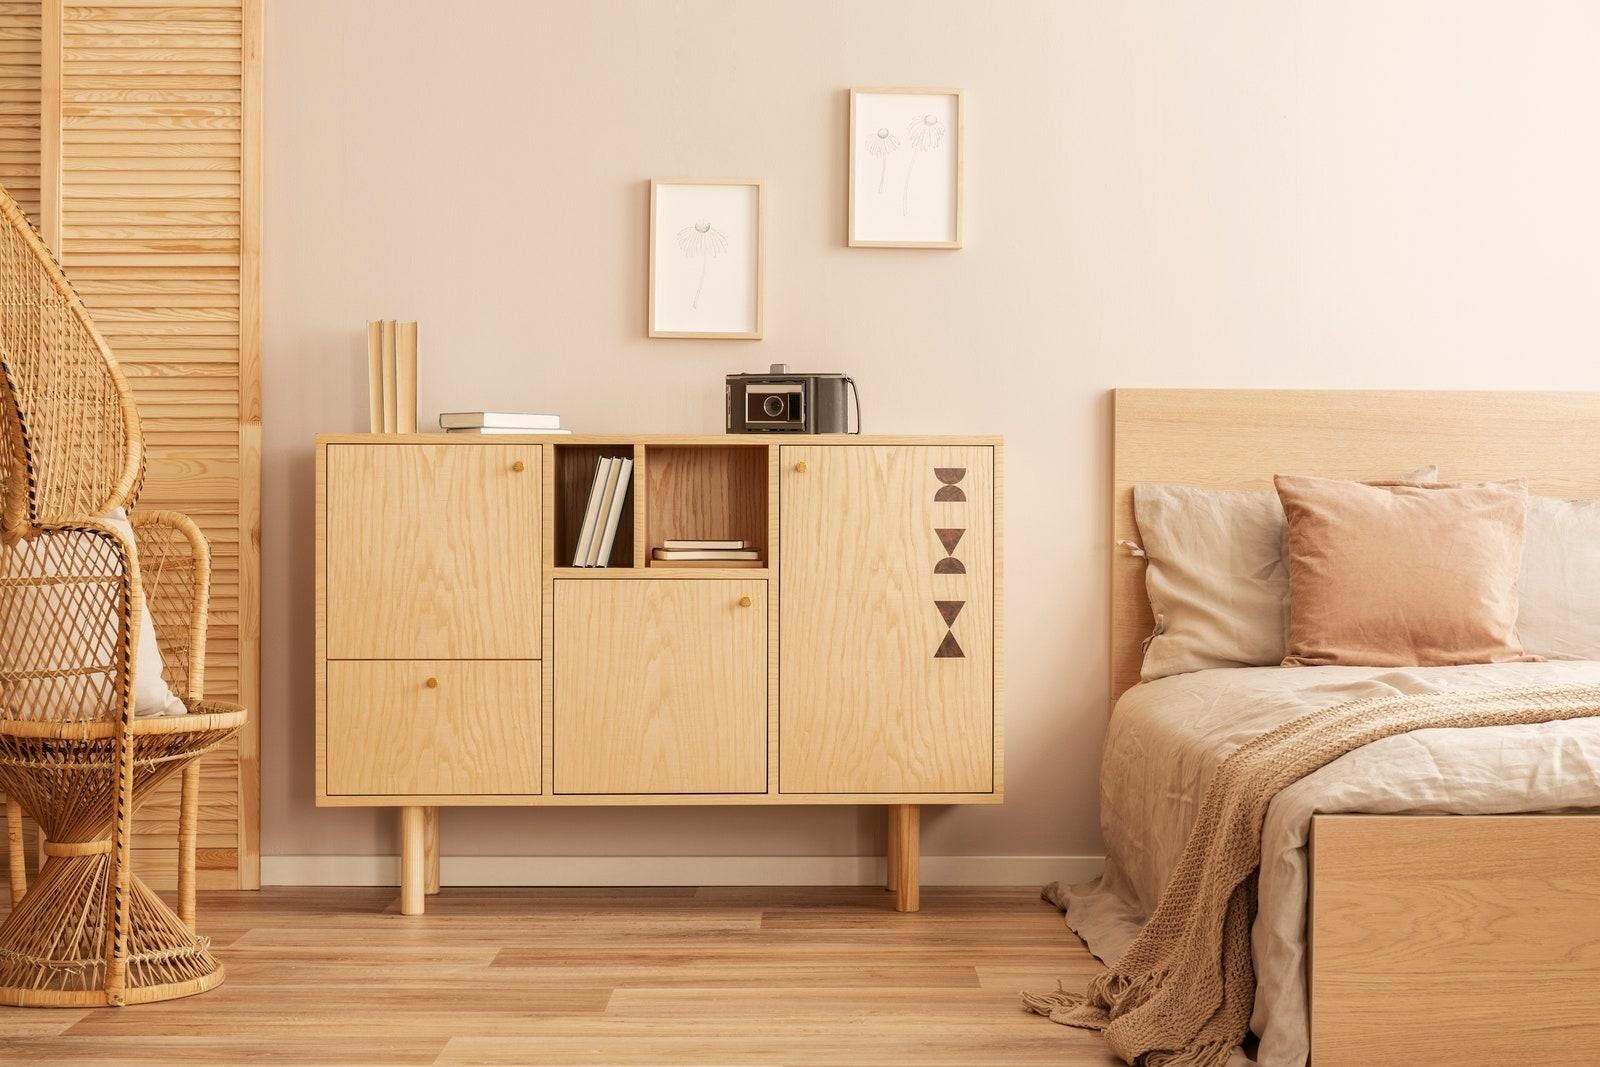 1. De clutter Your Bedroom by simphome.com